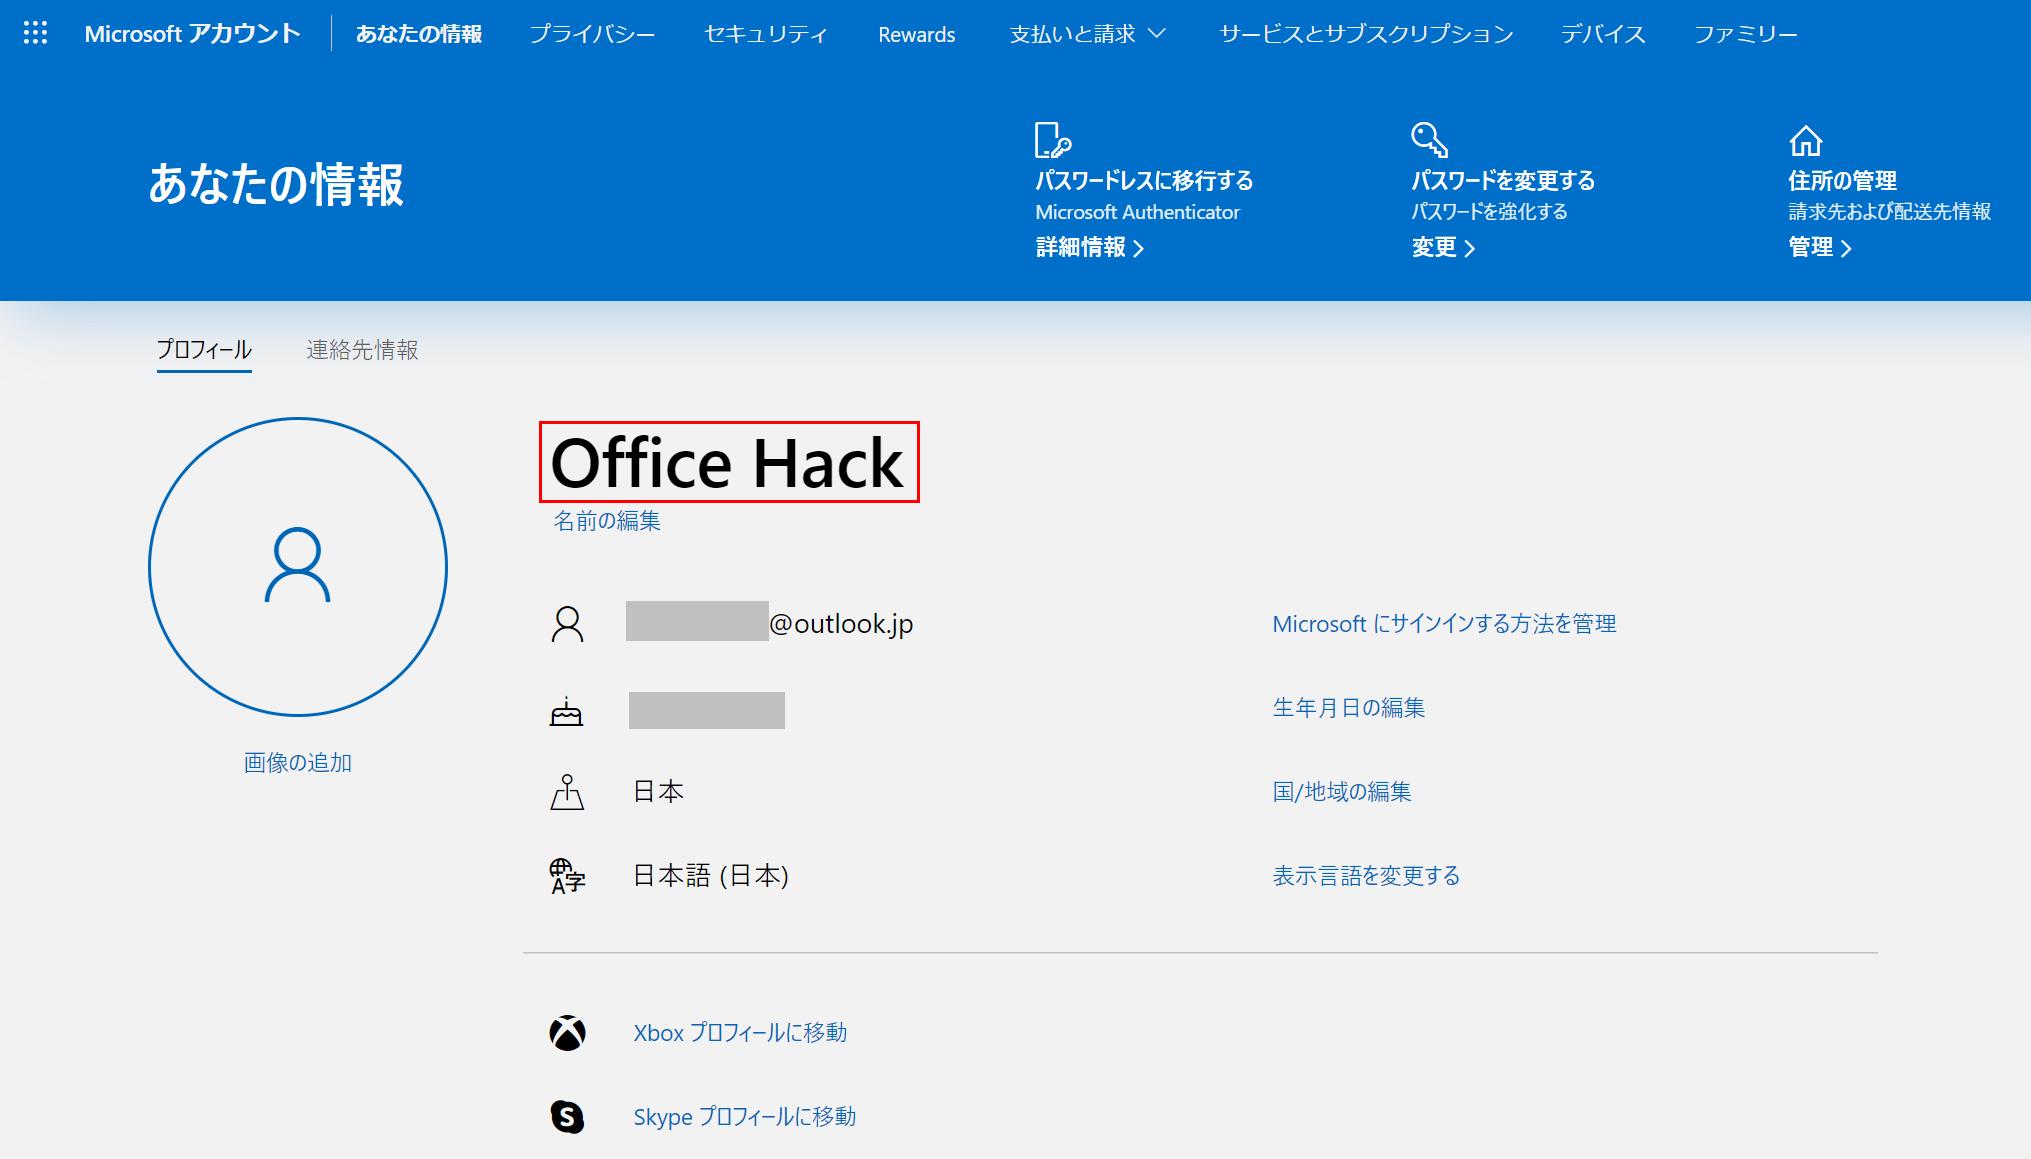 ユーザー名の変更